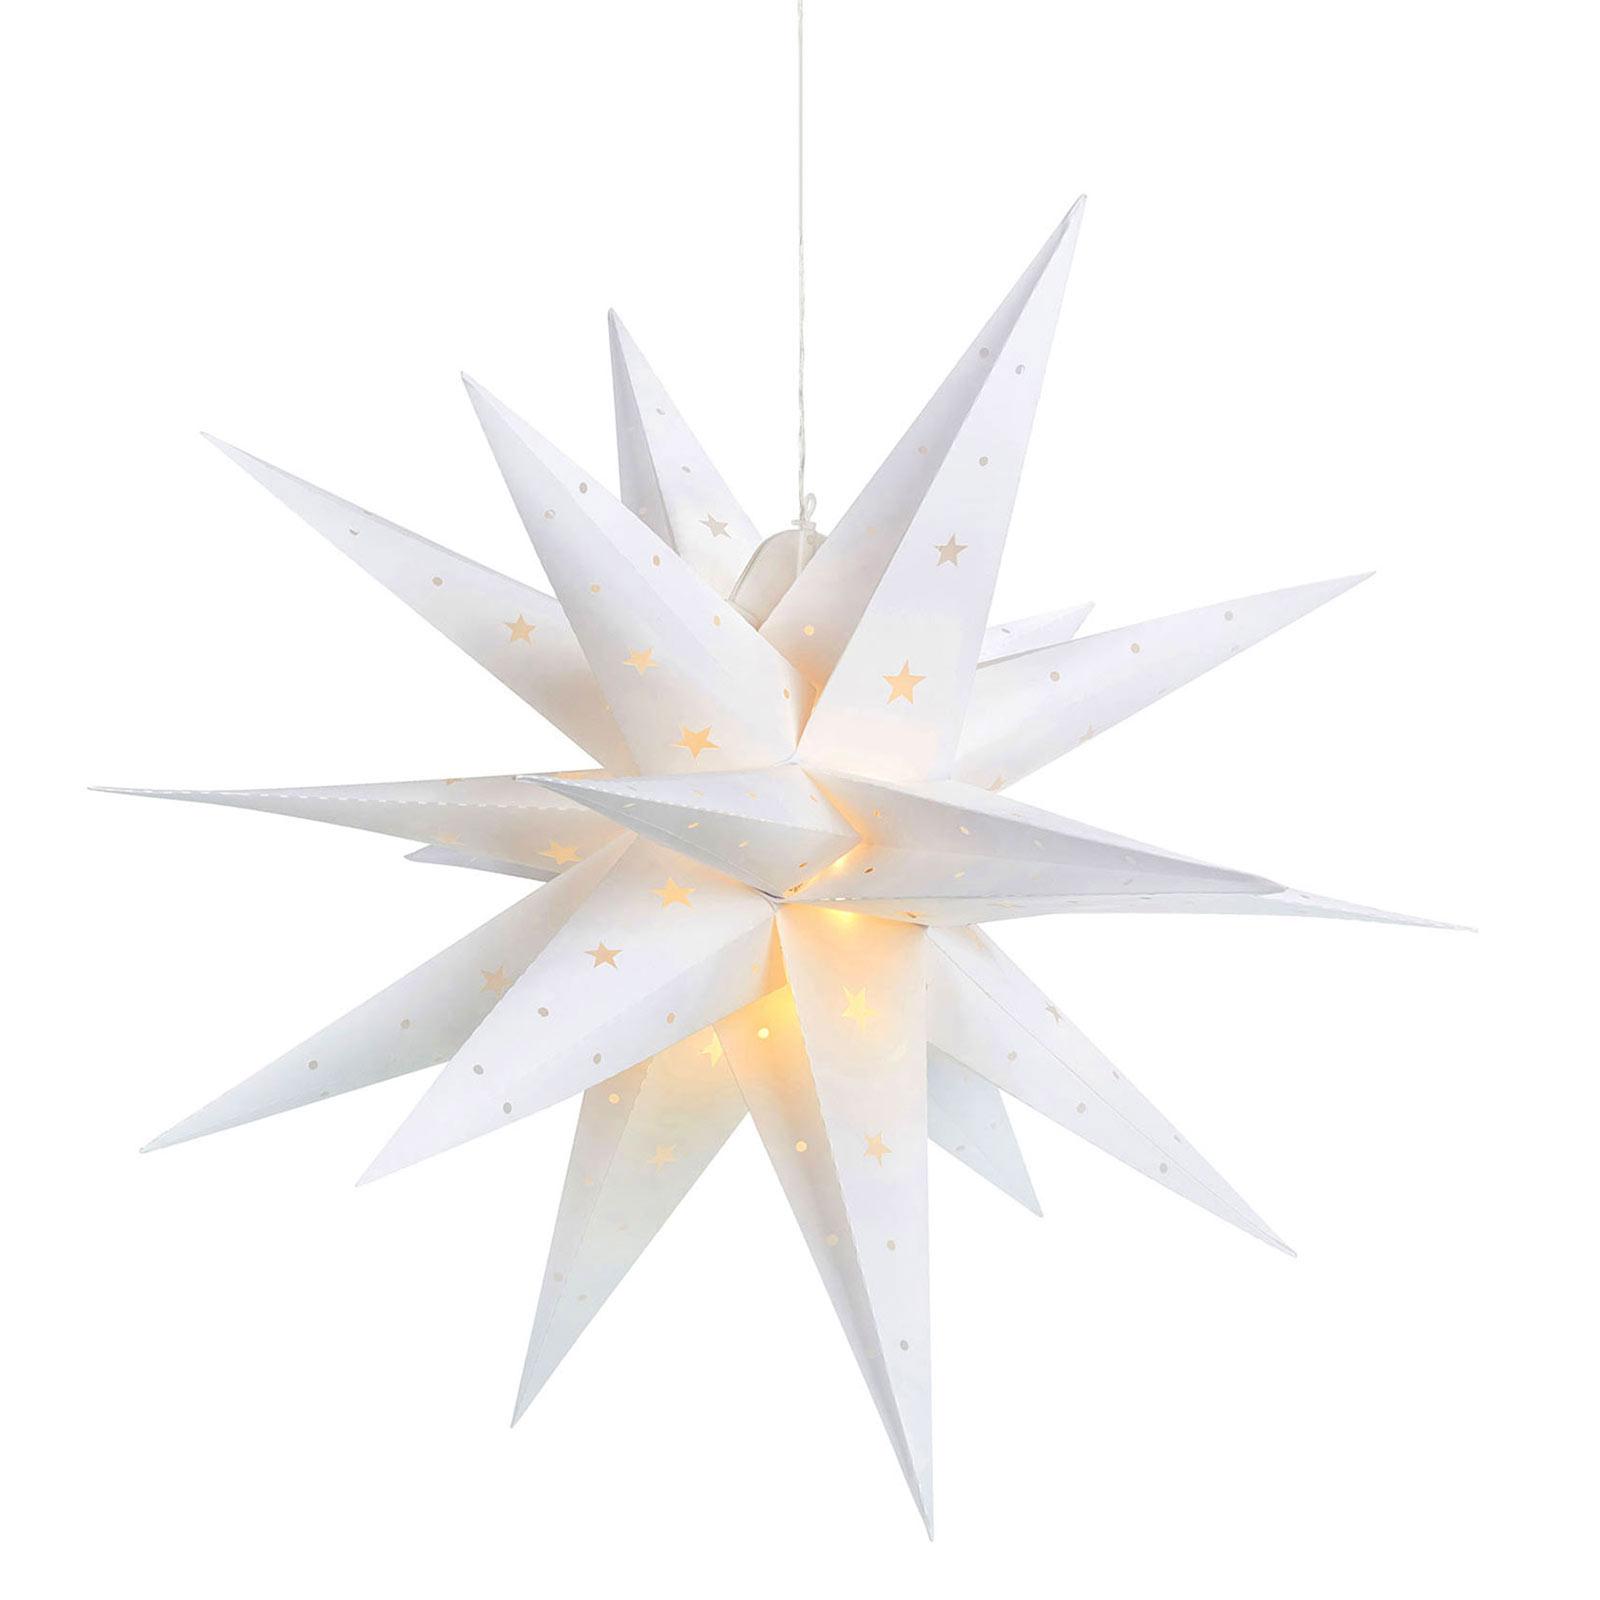 LED-stjerne Vectra 3D for utendørs bruk Ø 60 cm